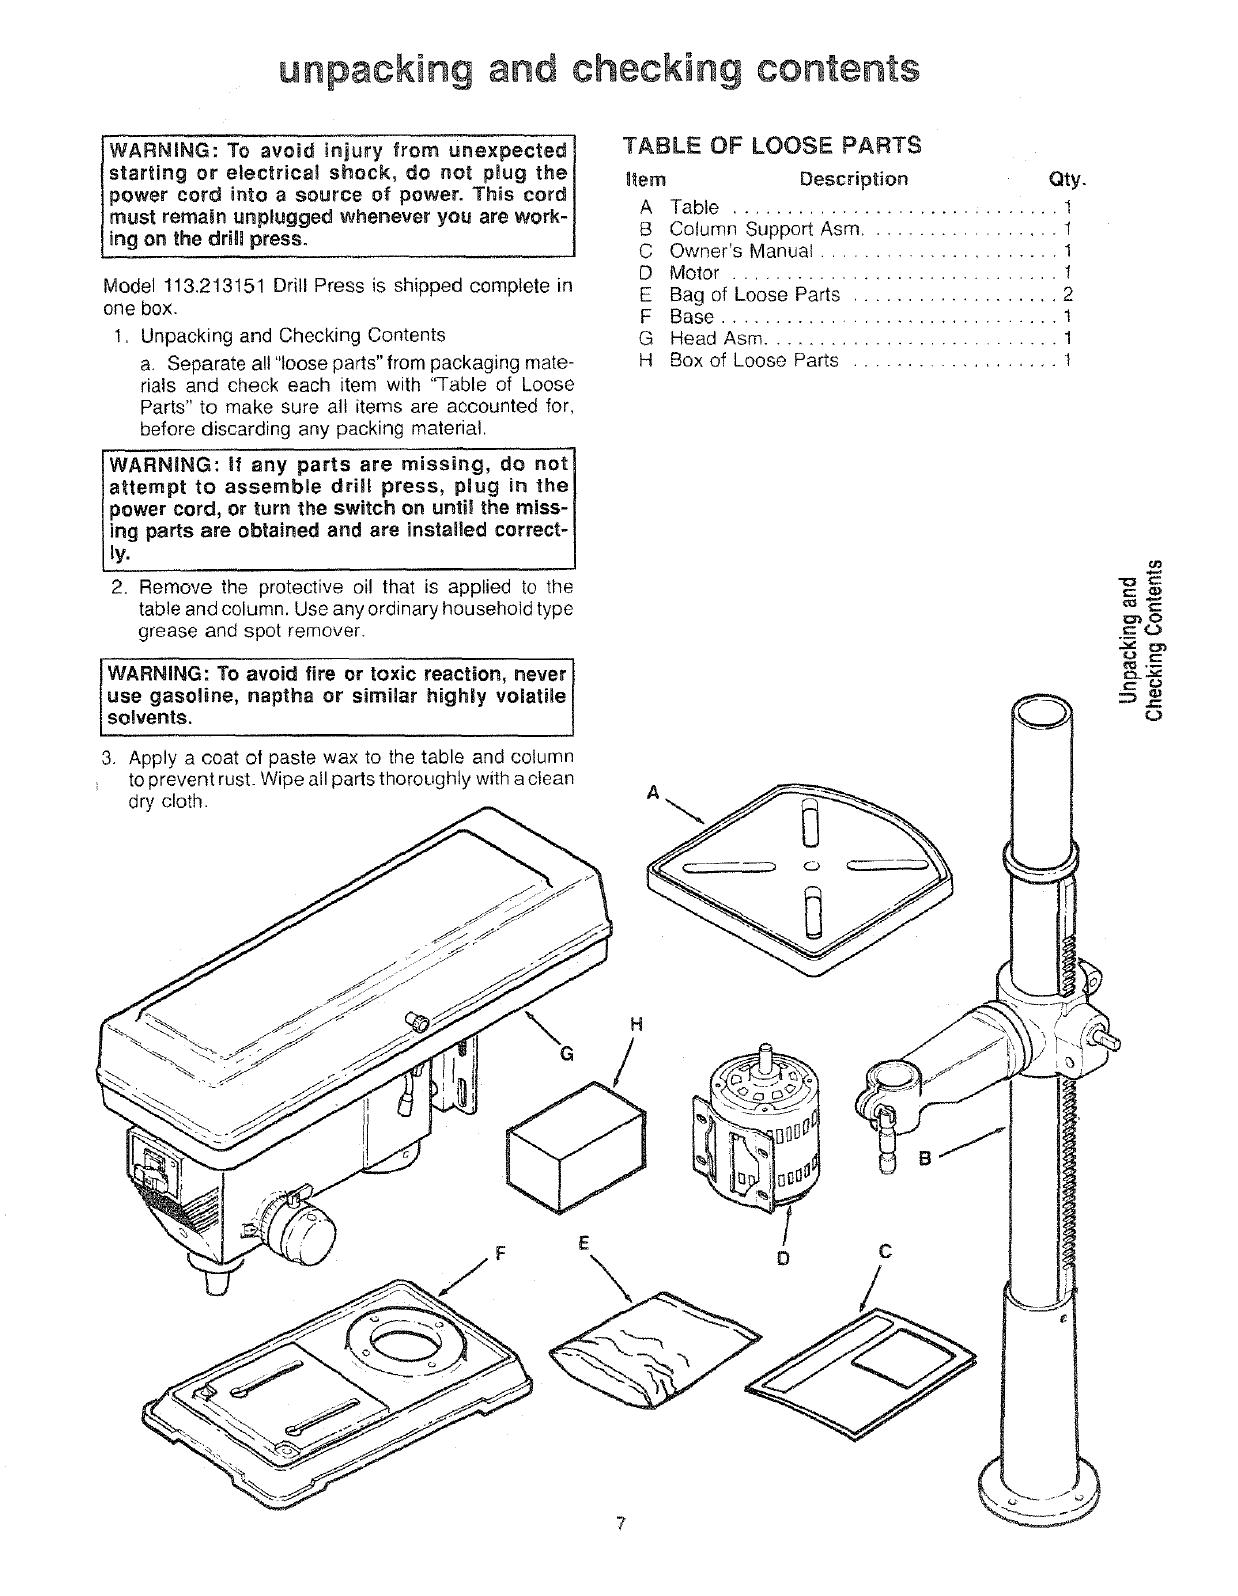 Craftsman User Manual 15 Floor Drill Press